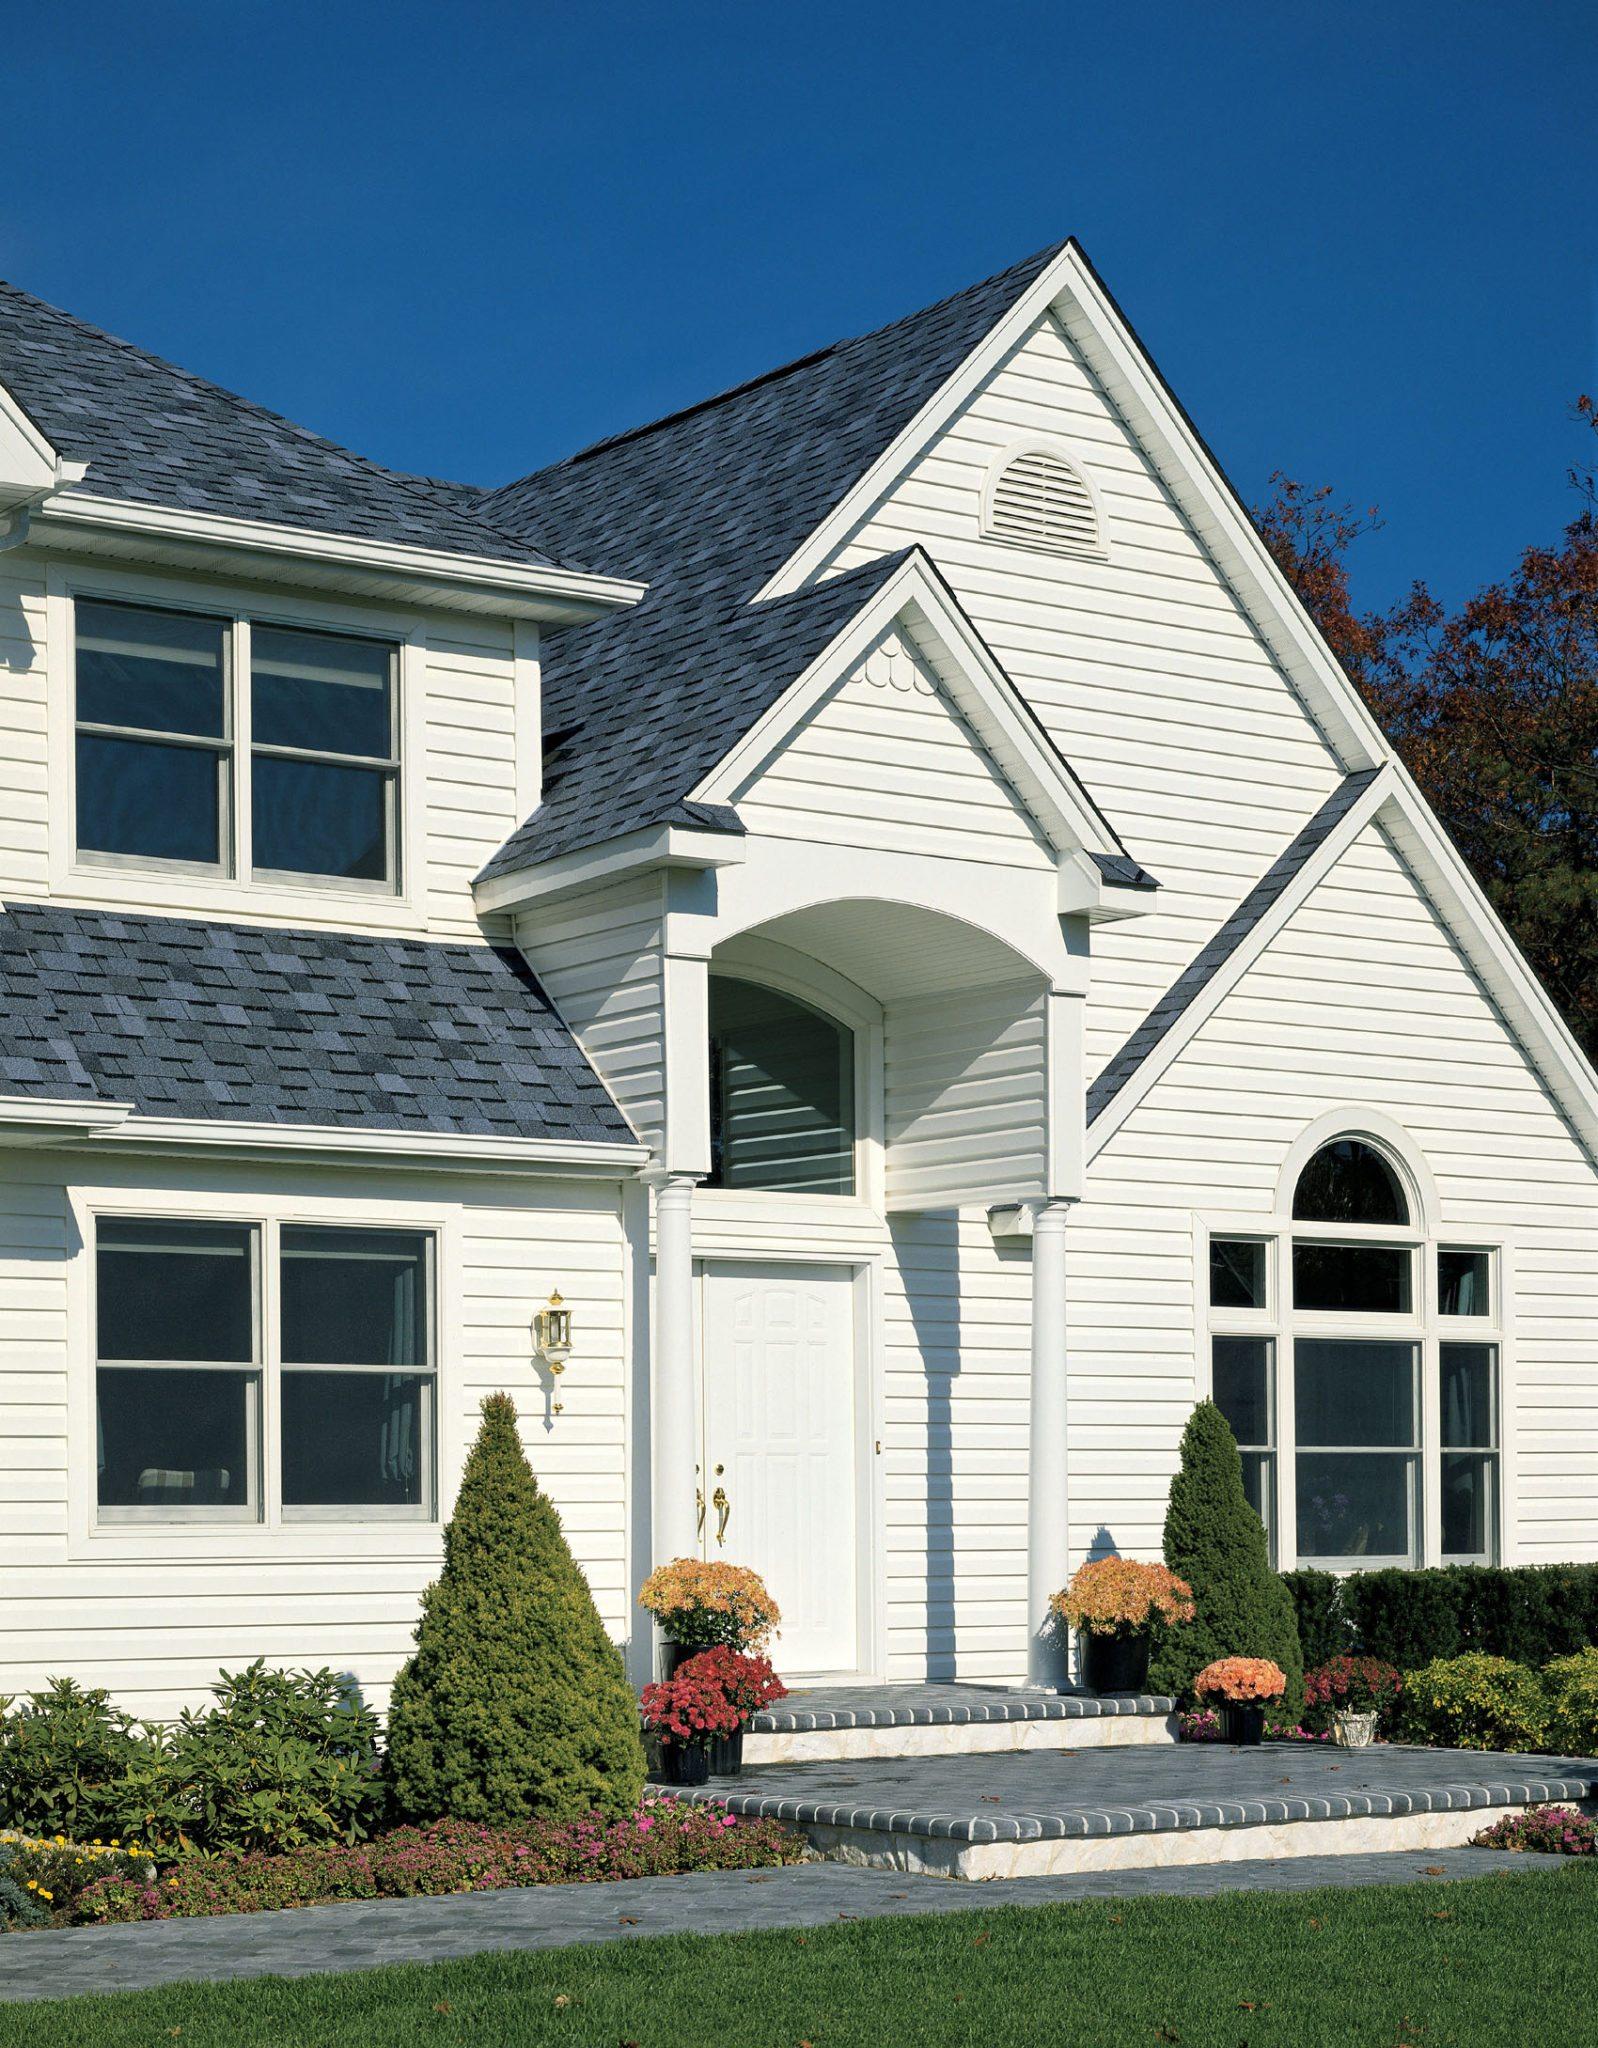 Образцы отделки домов сайдингом двумя цветами фото